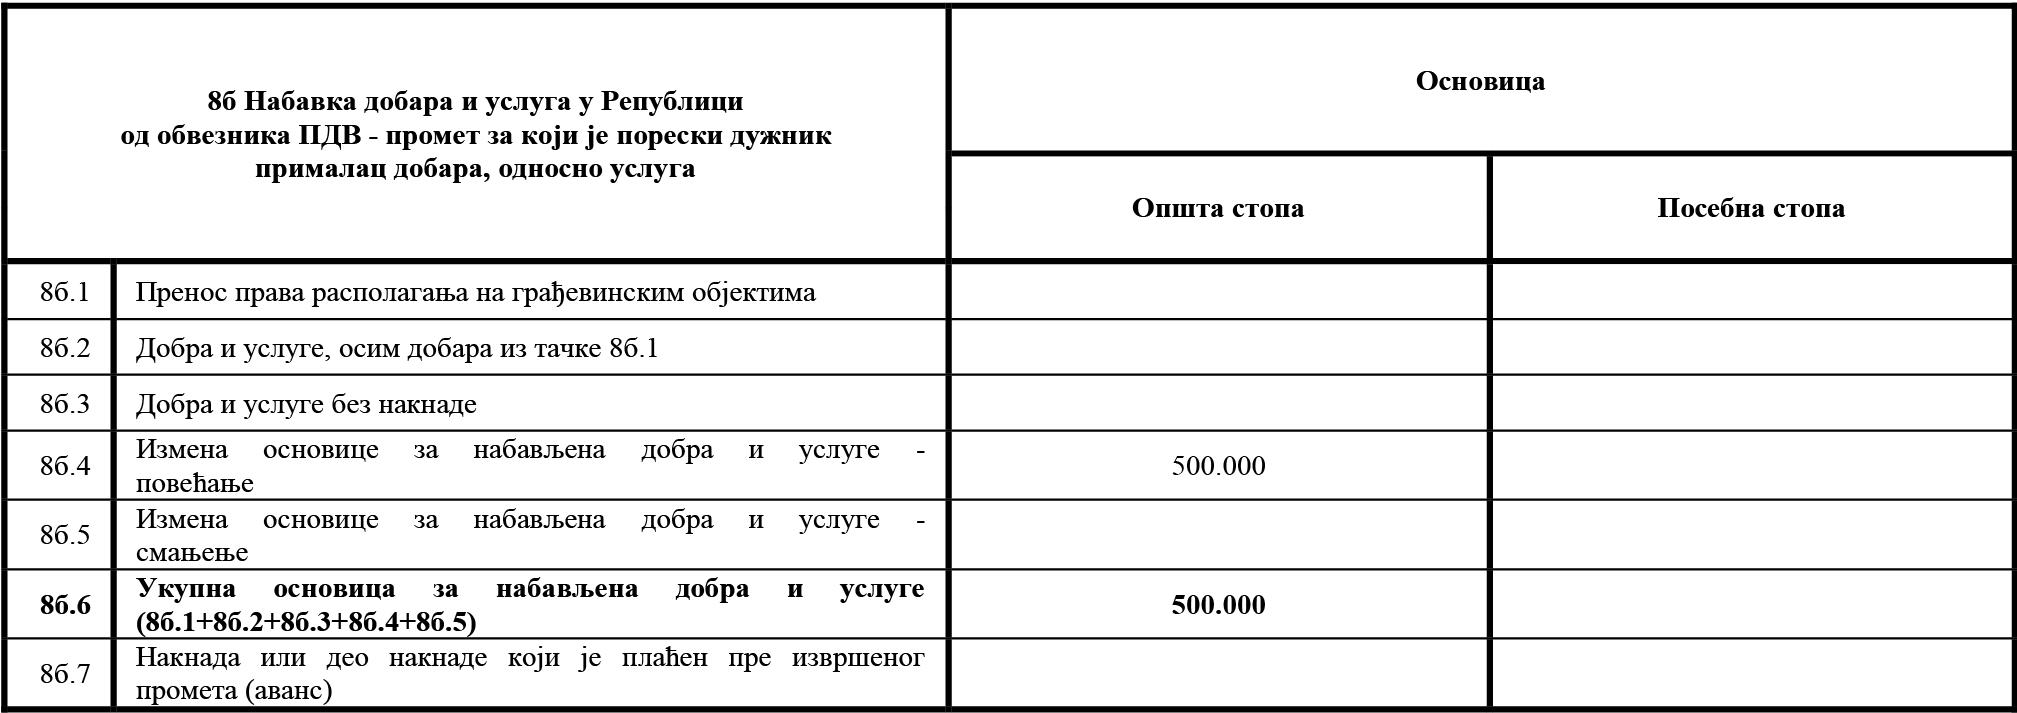 uputstvo PU obrazac POPDV primer 101